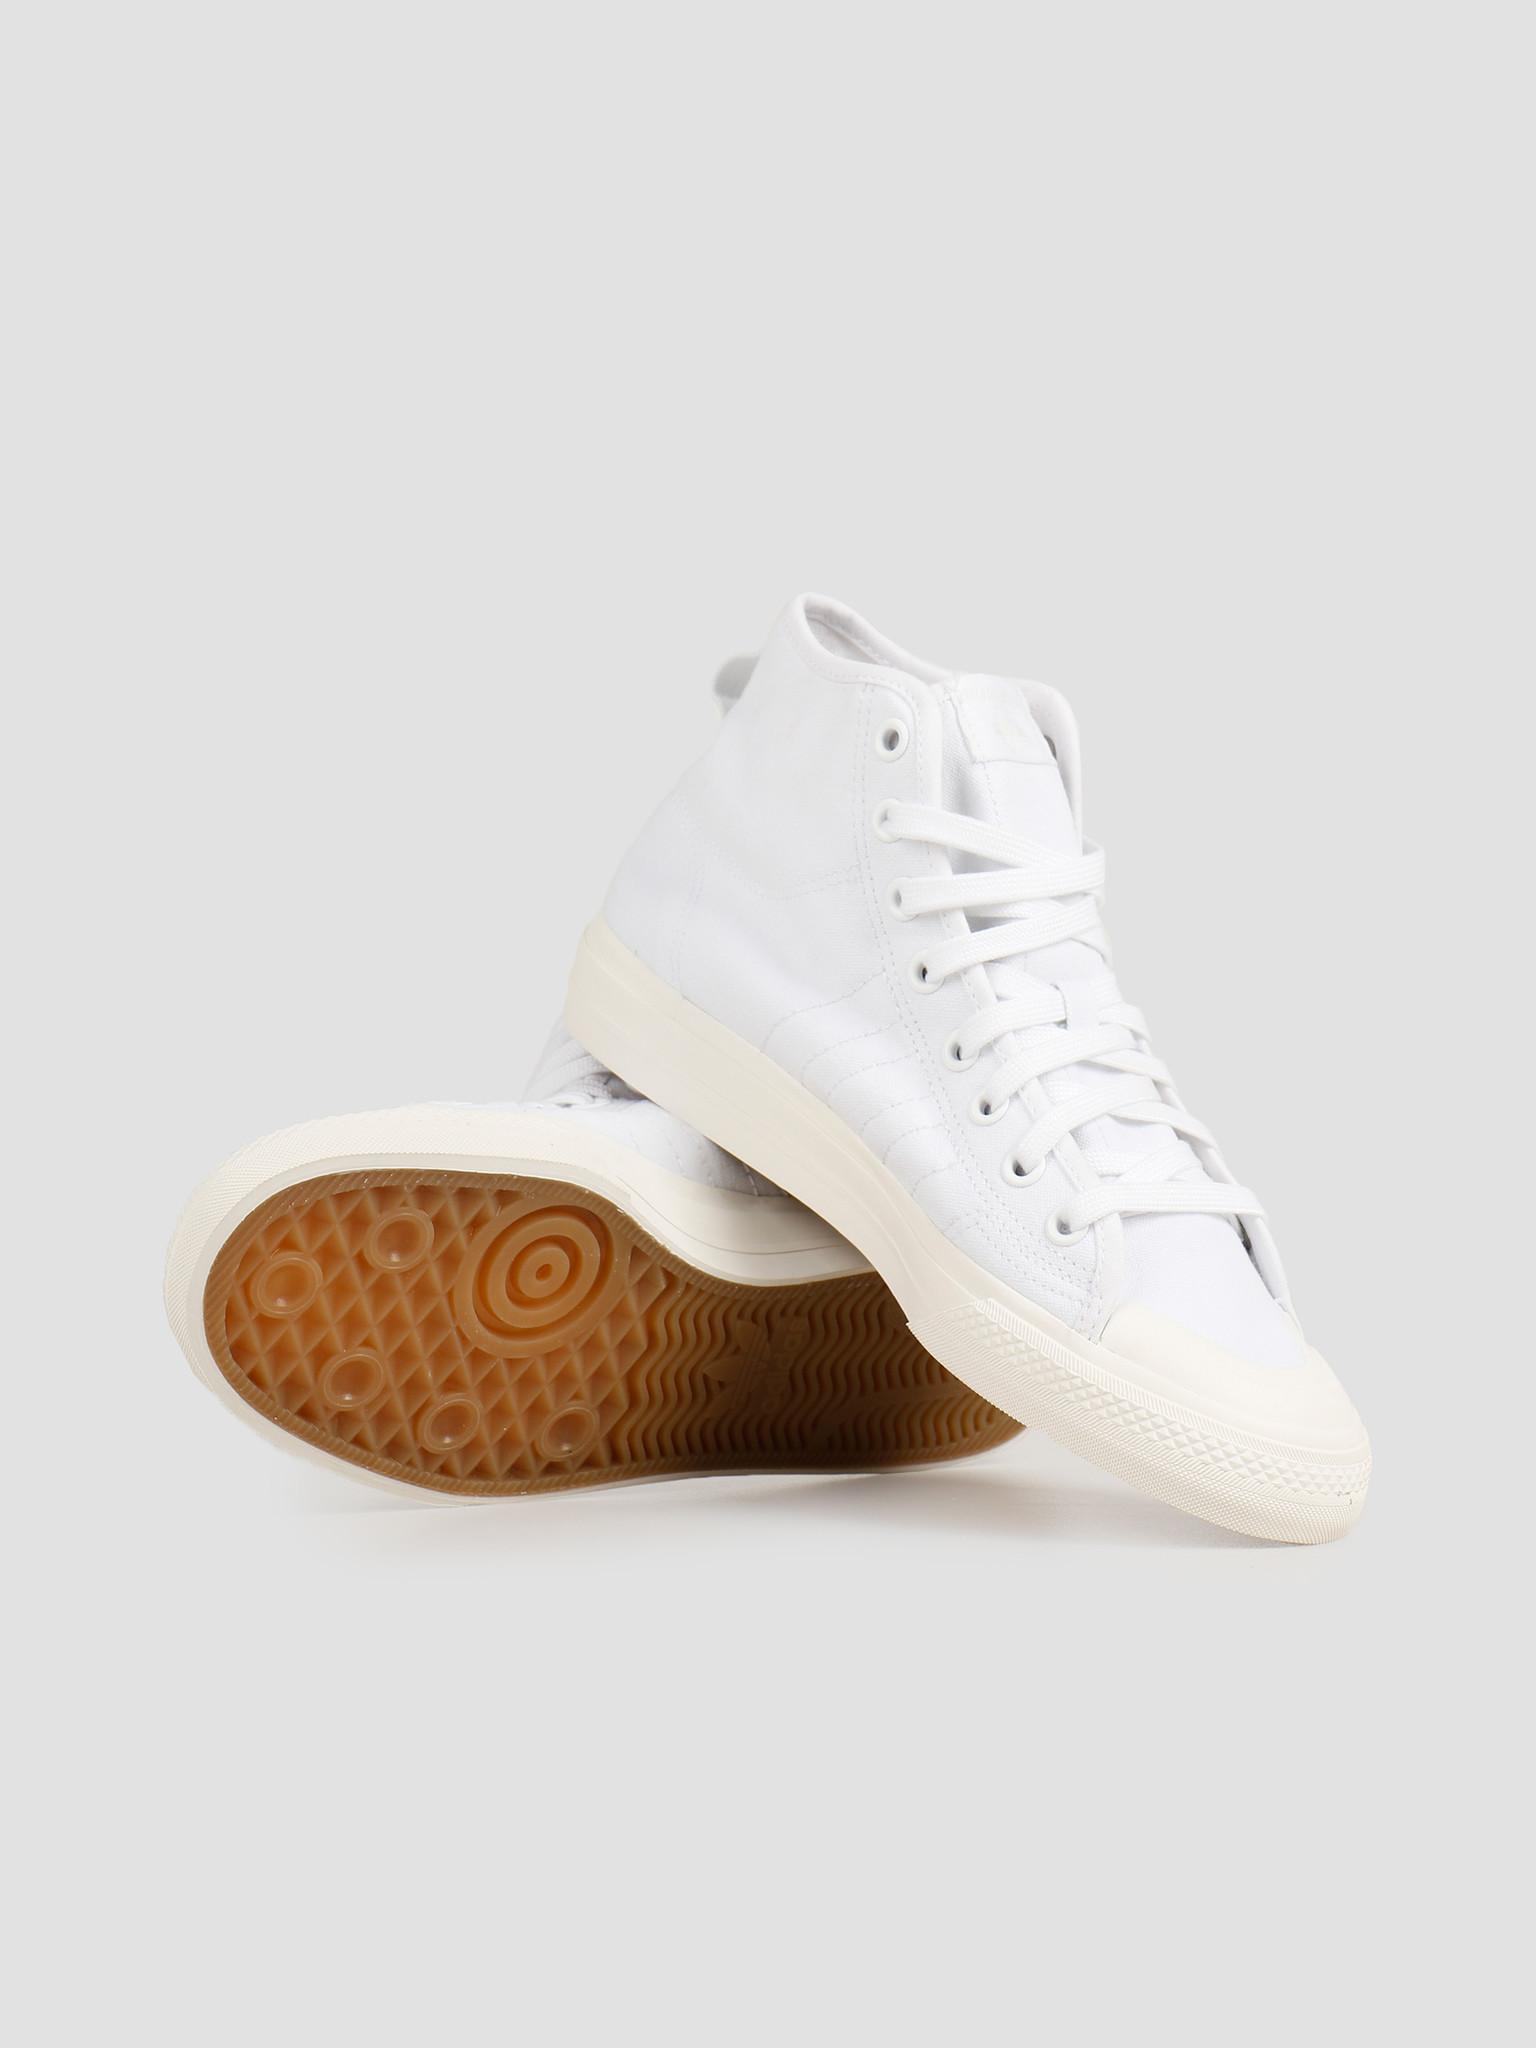 adidas adidas Nizza Hi Rf FootwearWhite Offwhite EF1885